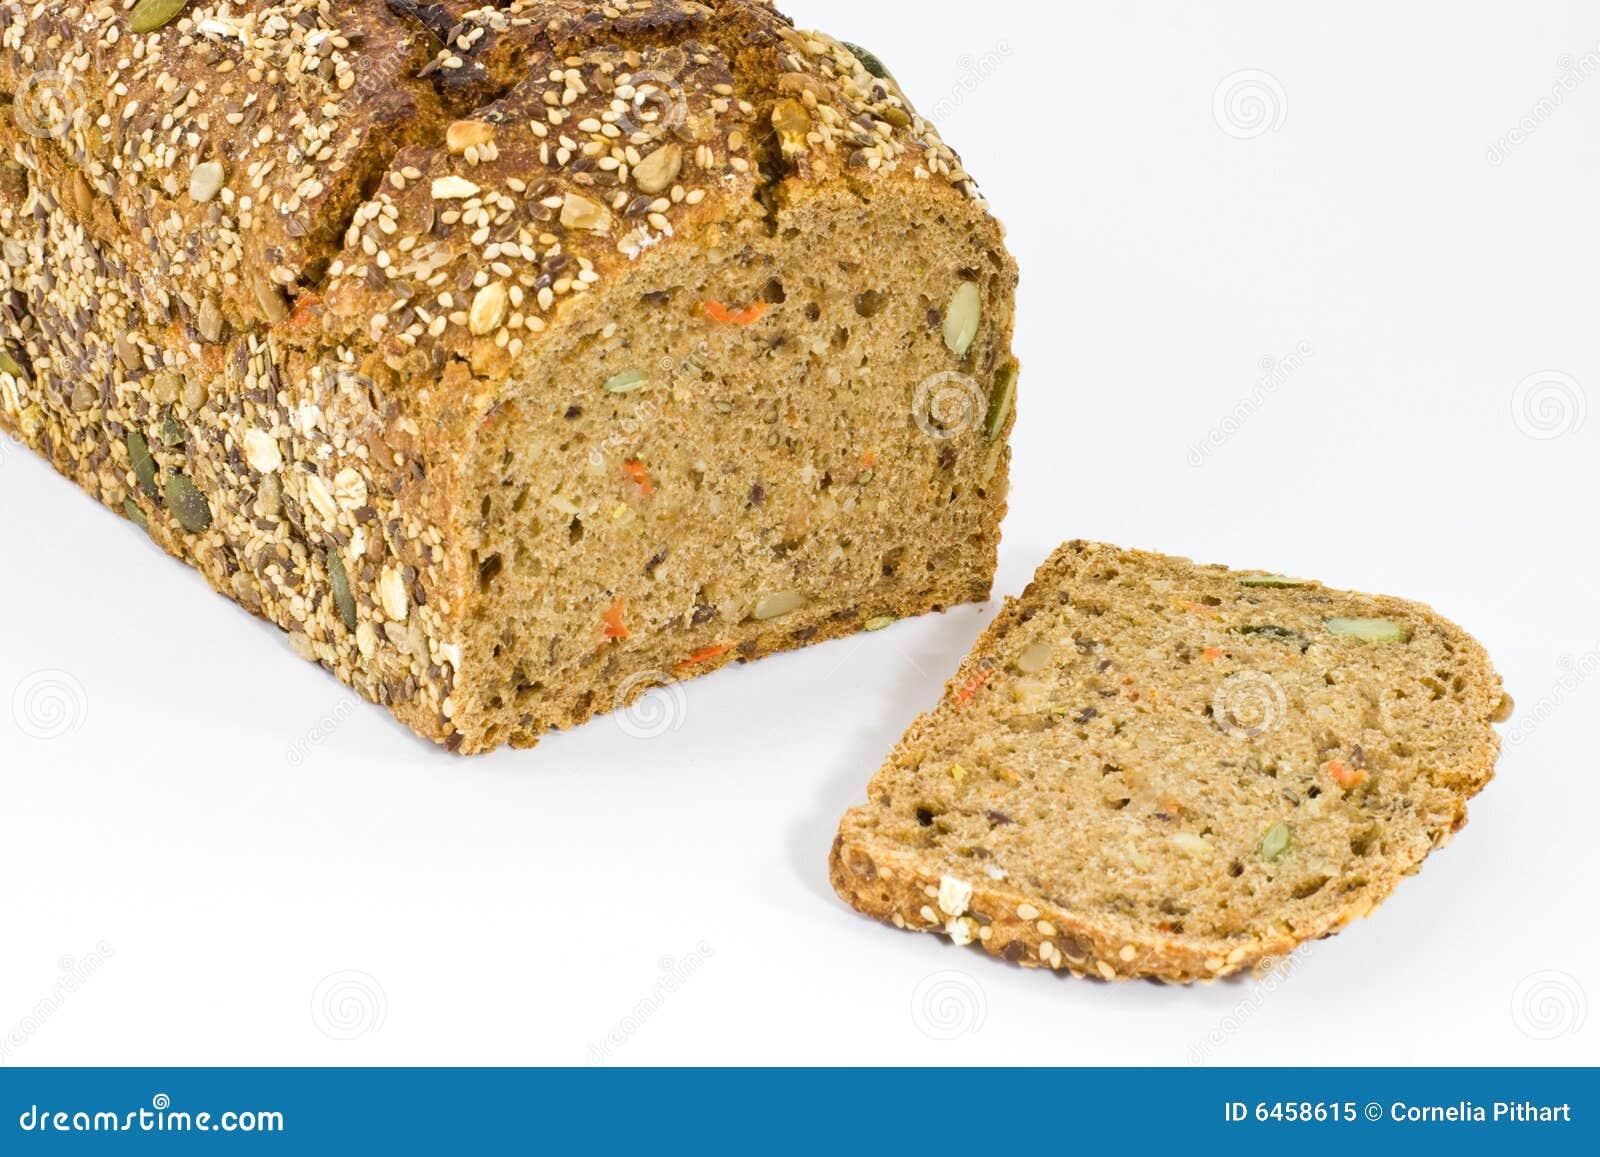 Brot mit 7 Körnern